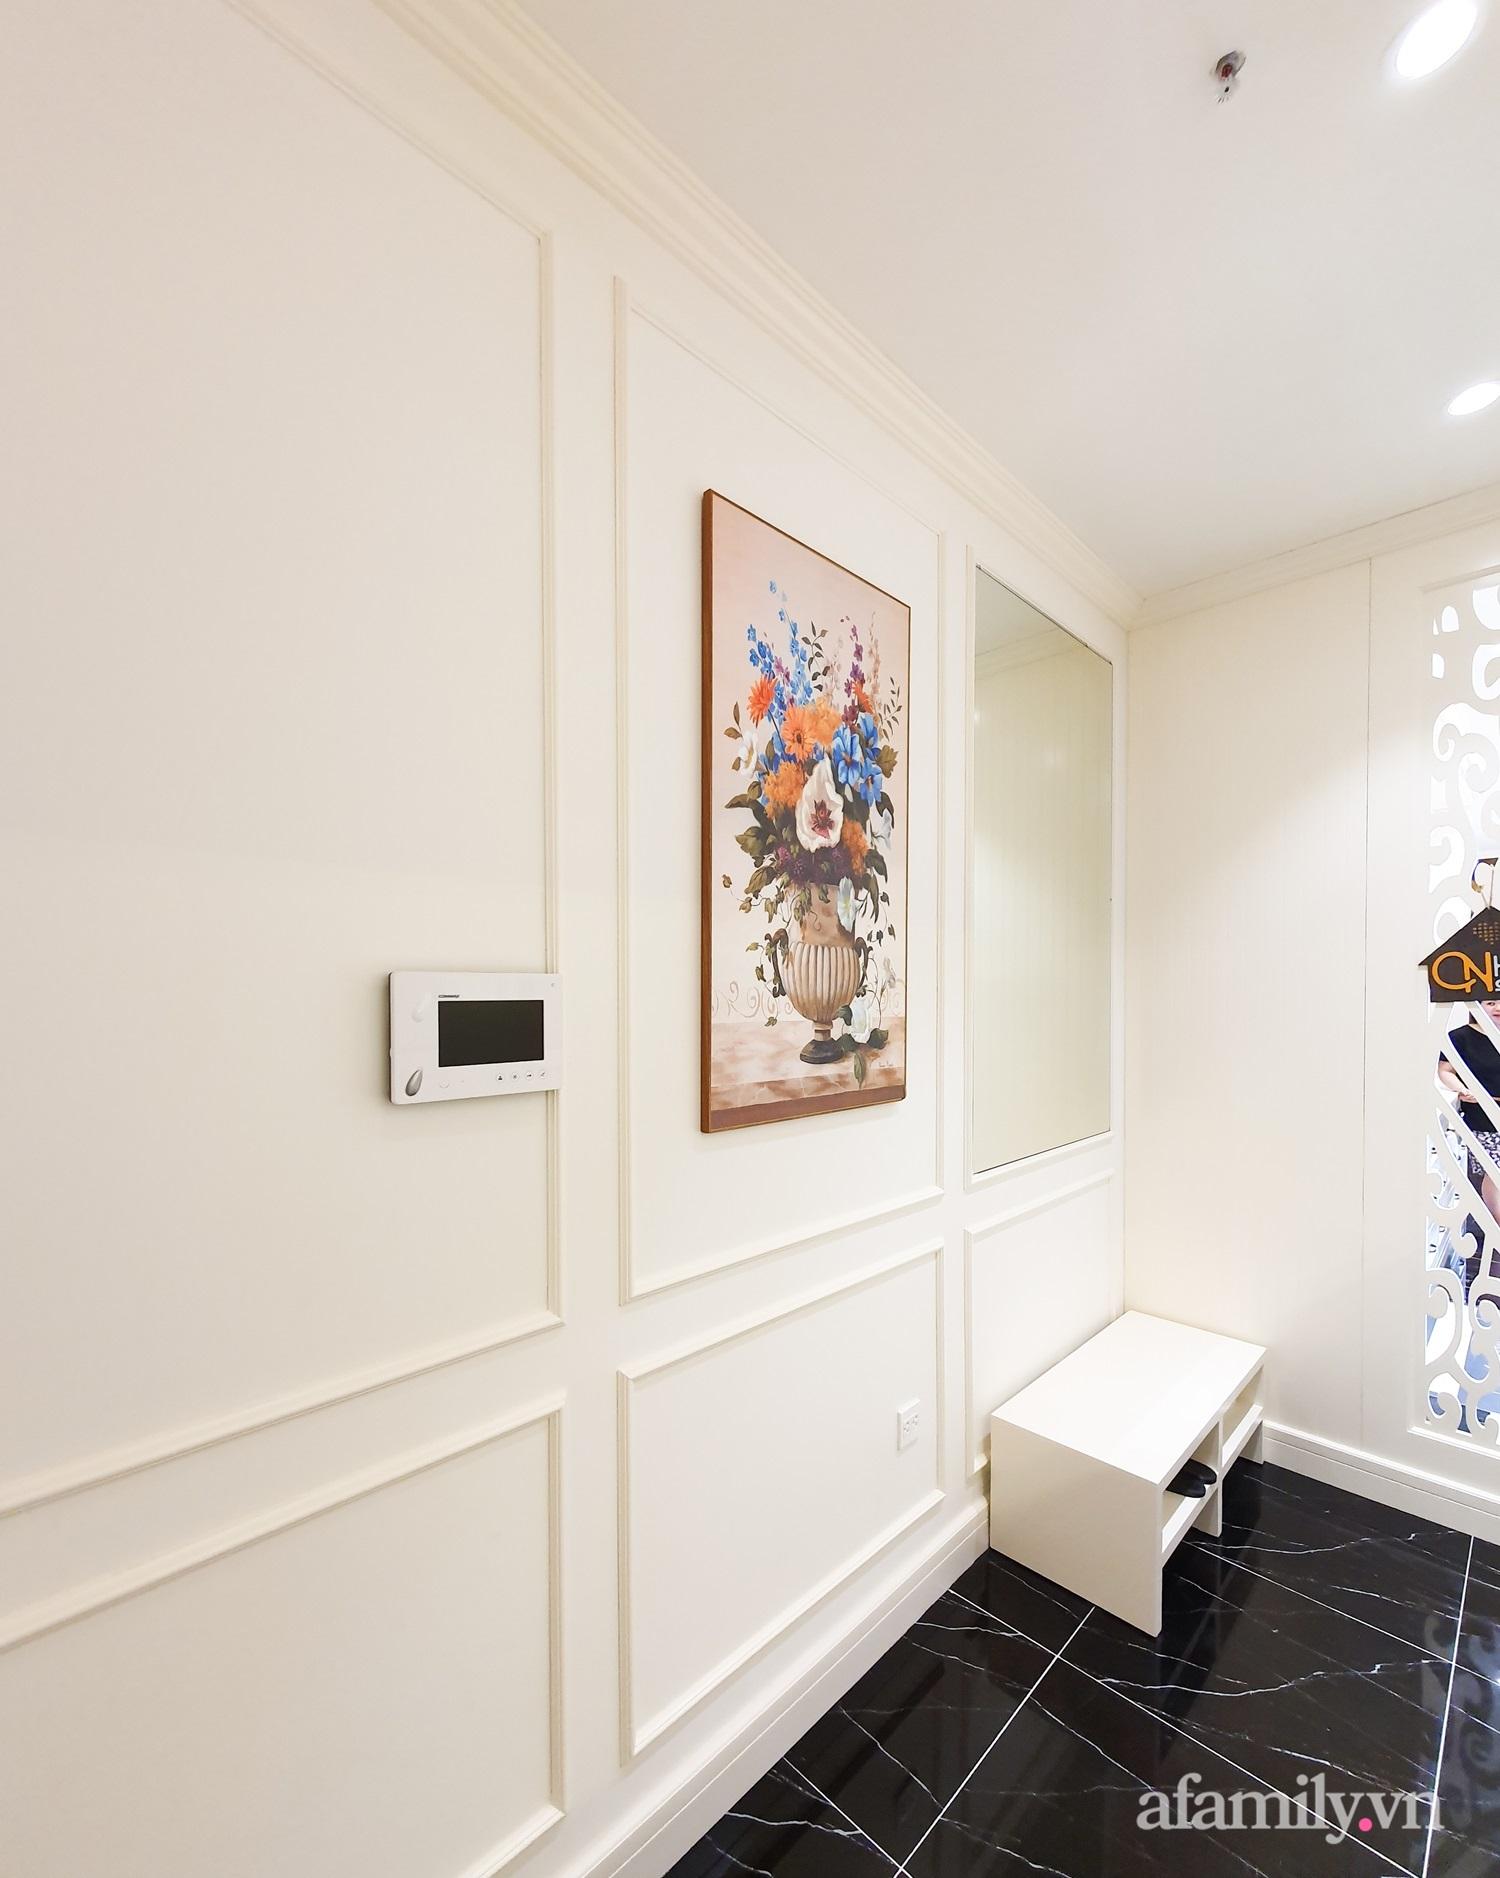 Căn hộ 121m² đẹp sang chảnh với phong cách bán cổ điển ở Hà Nội - Ảnh 1.